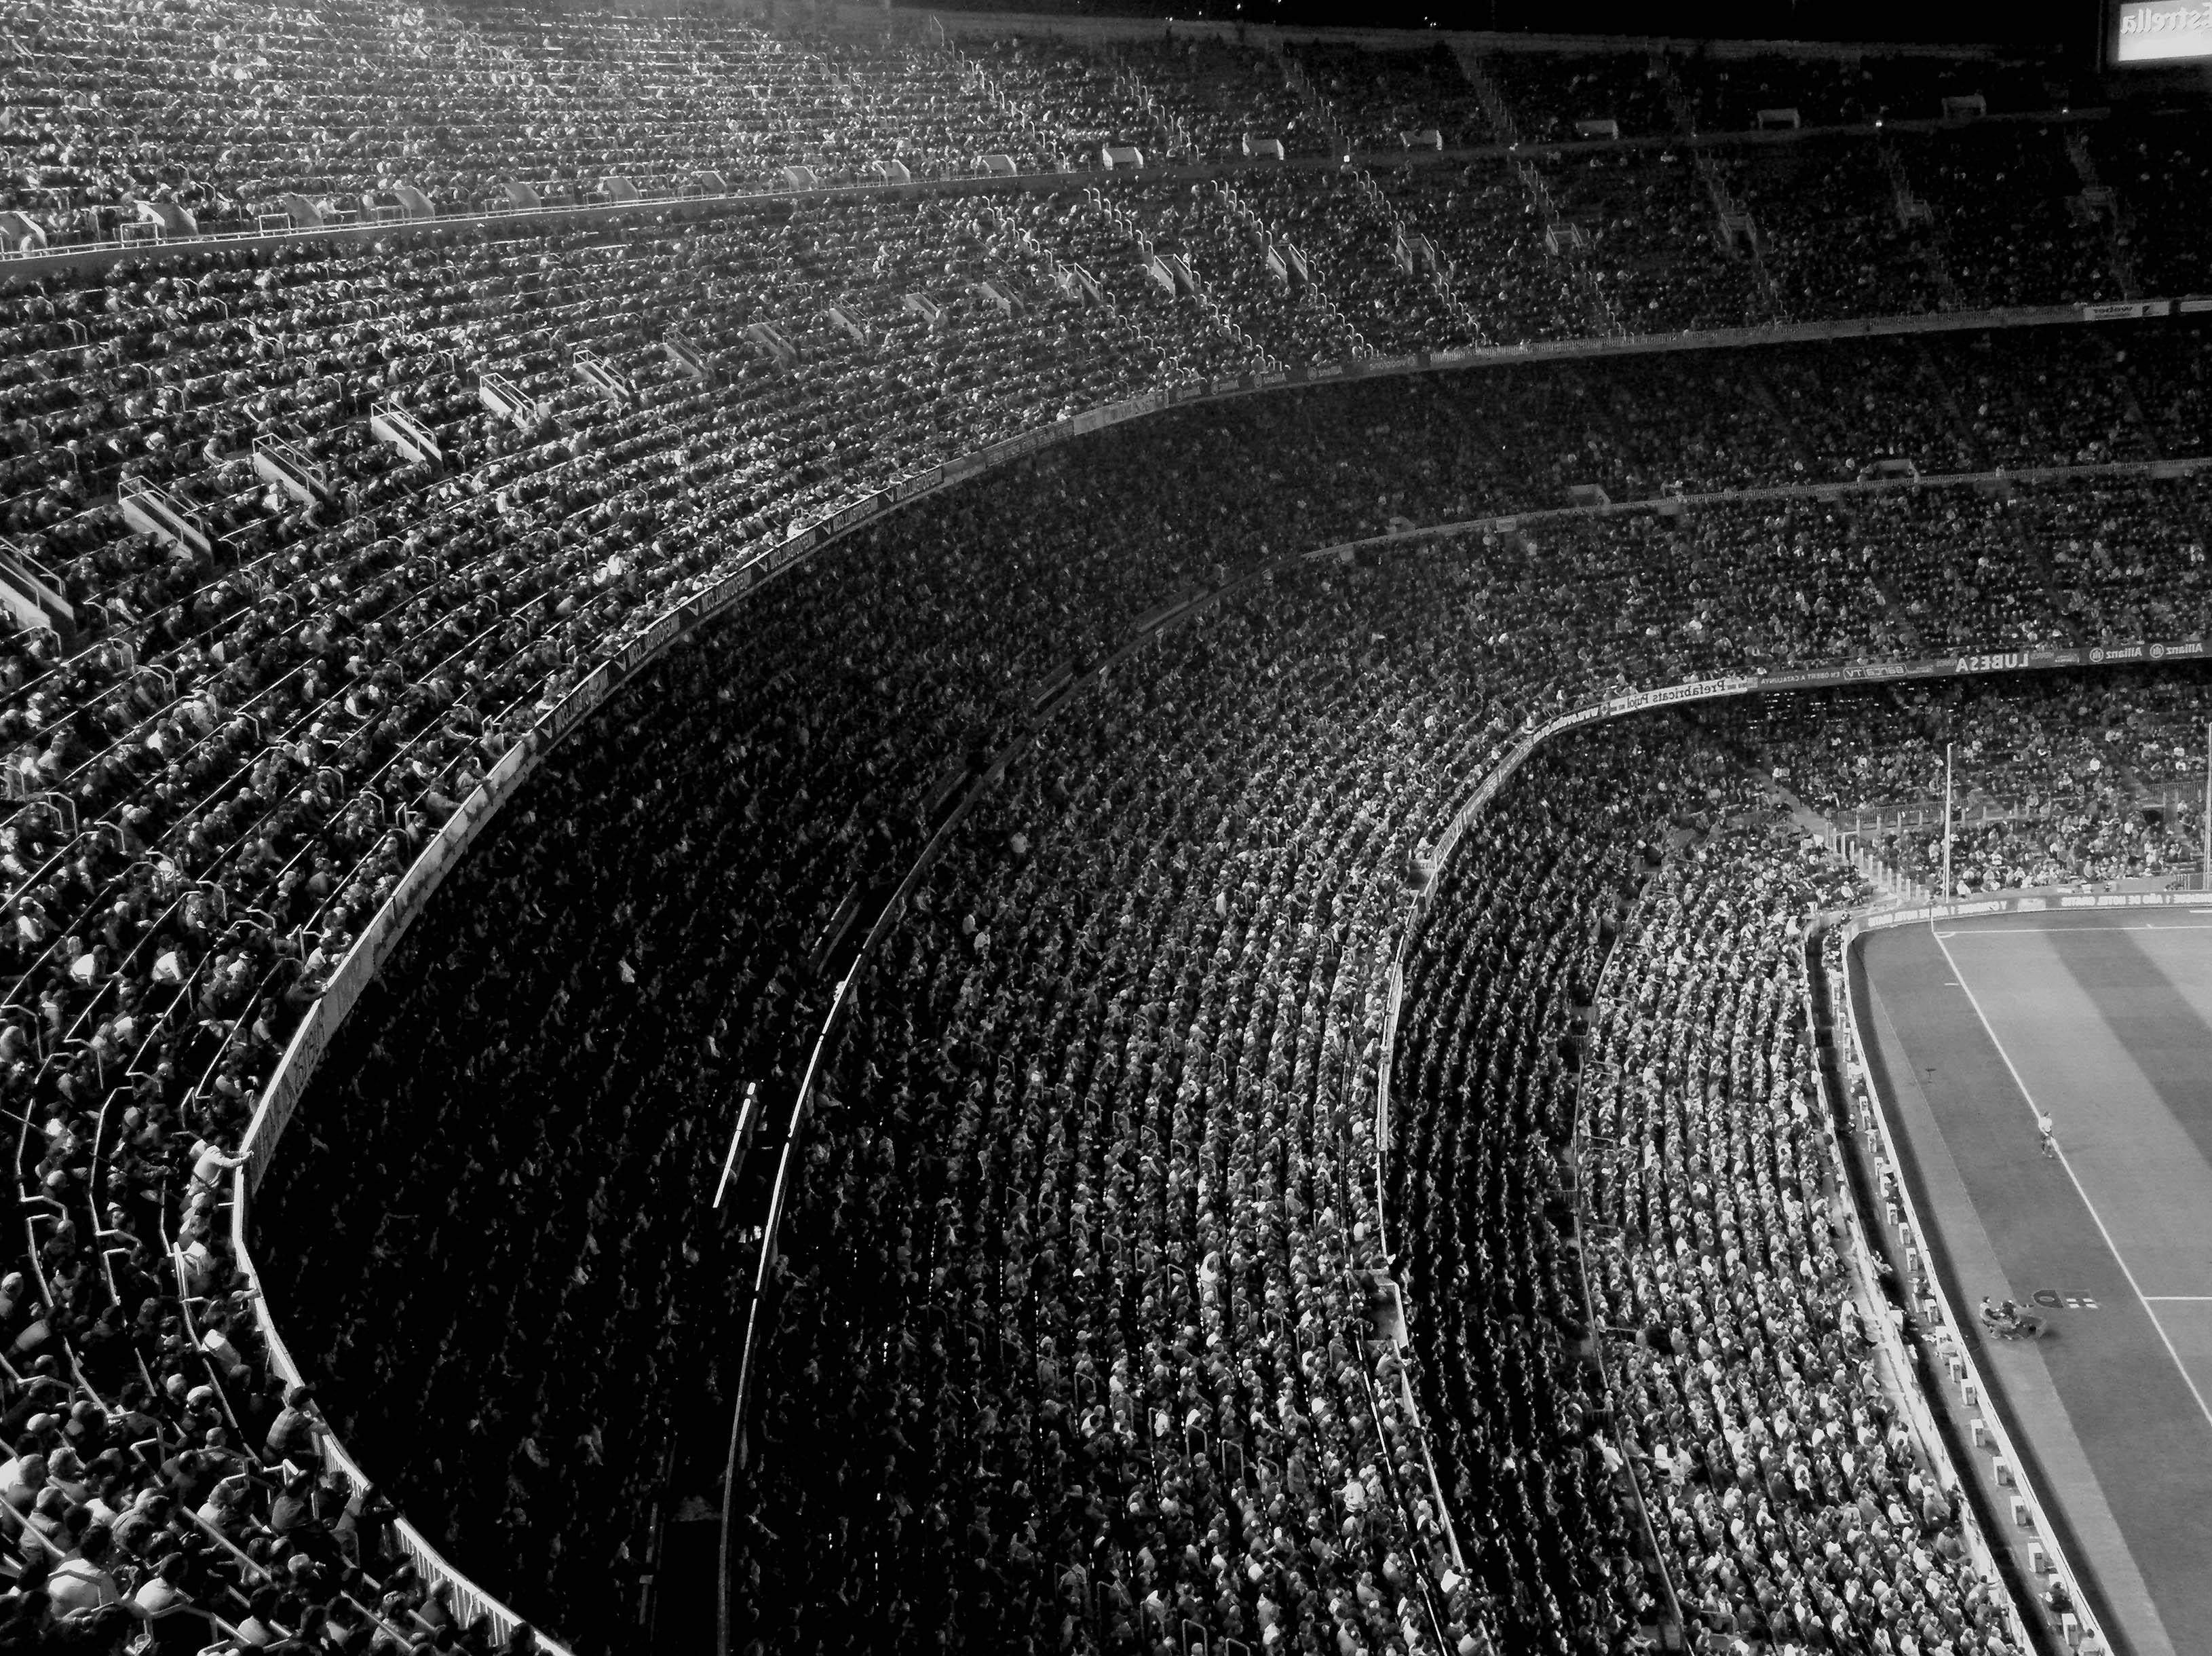 Футбольный стадион, черно белые обои на телефон высокого, 3260 на 2440 пикселей